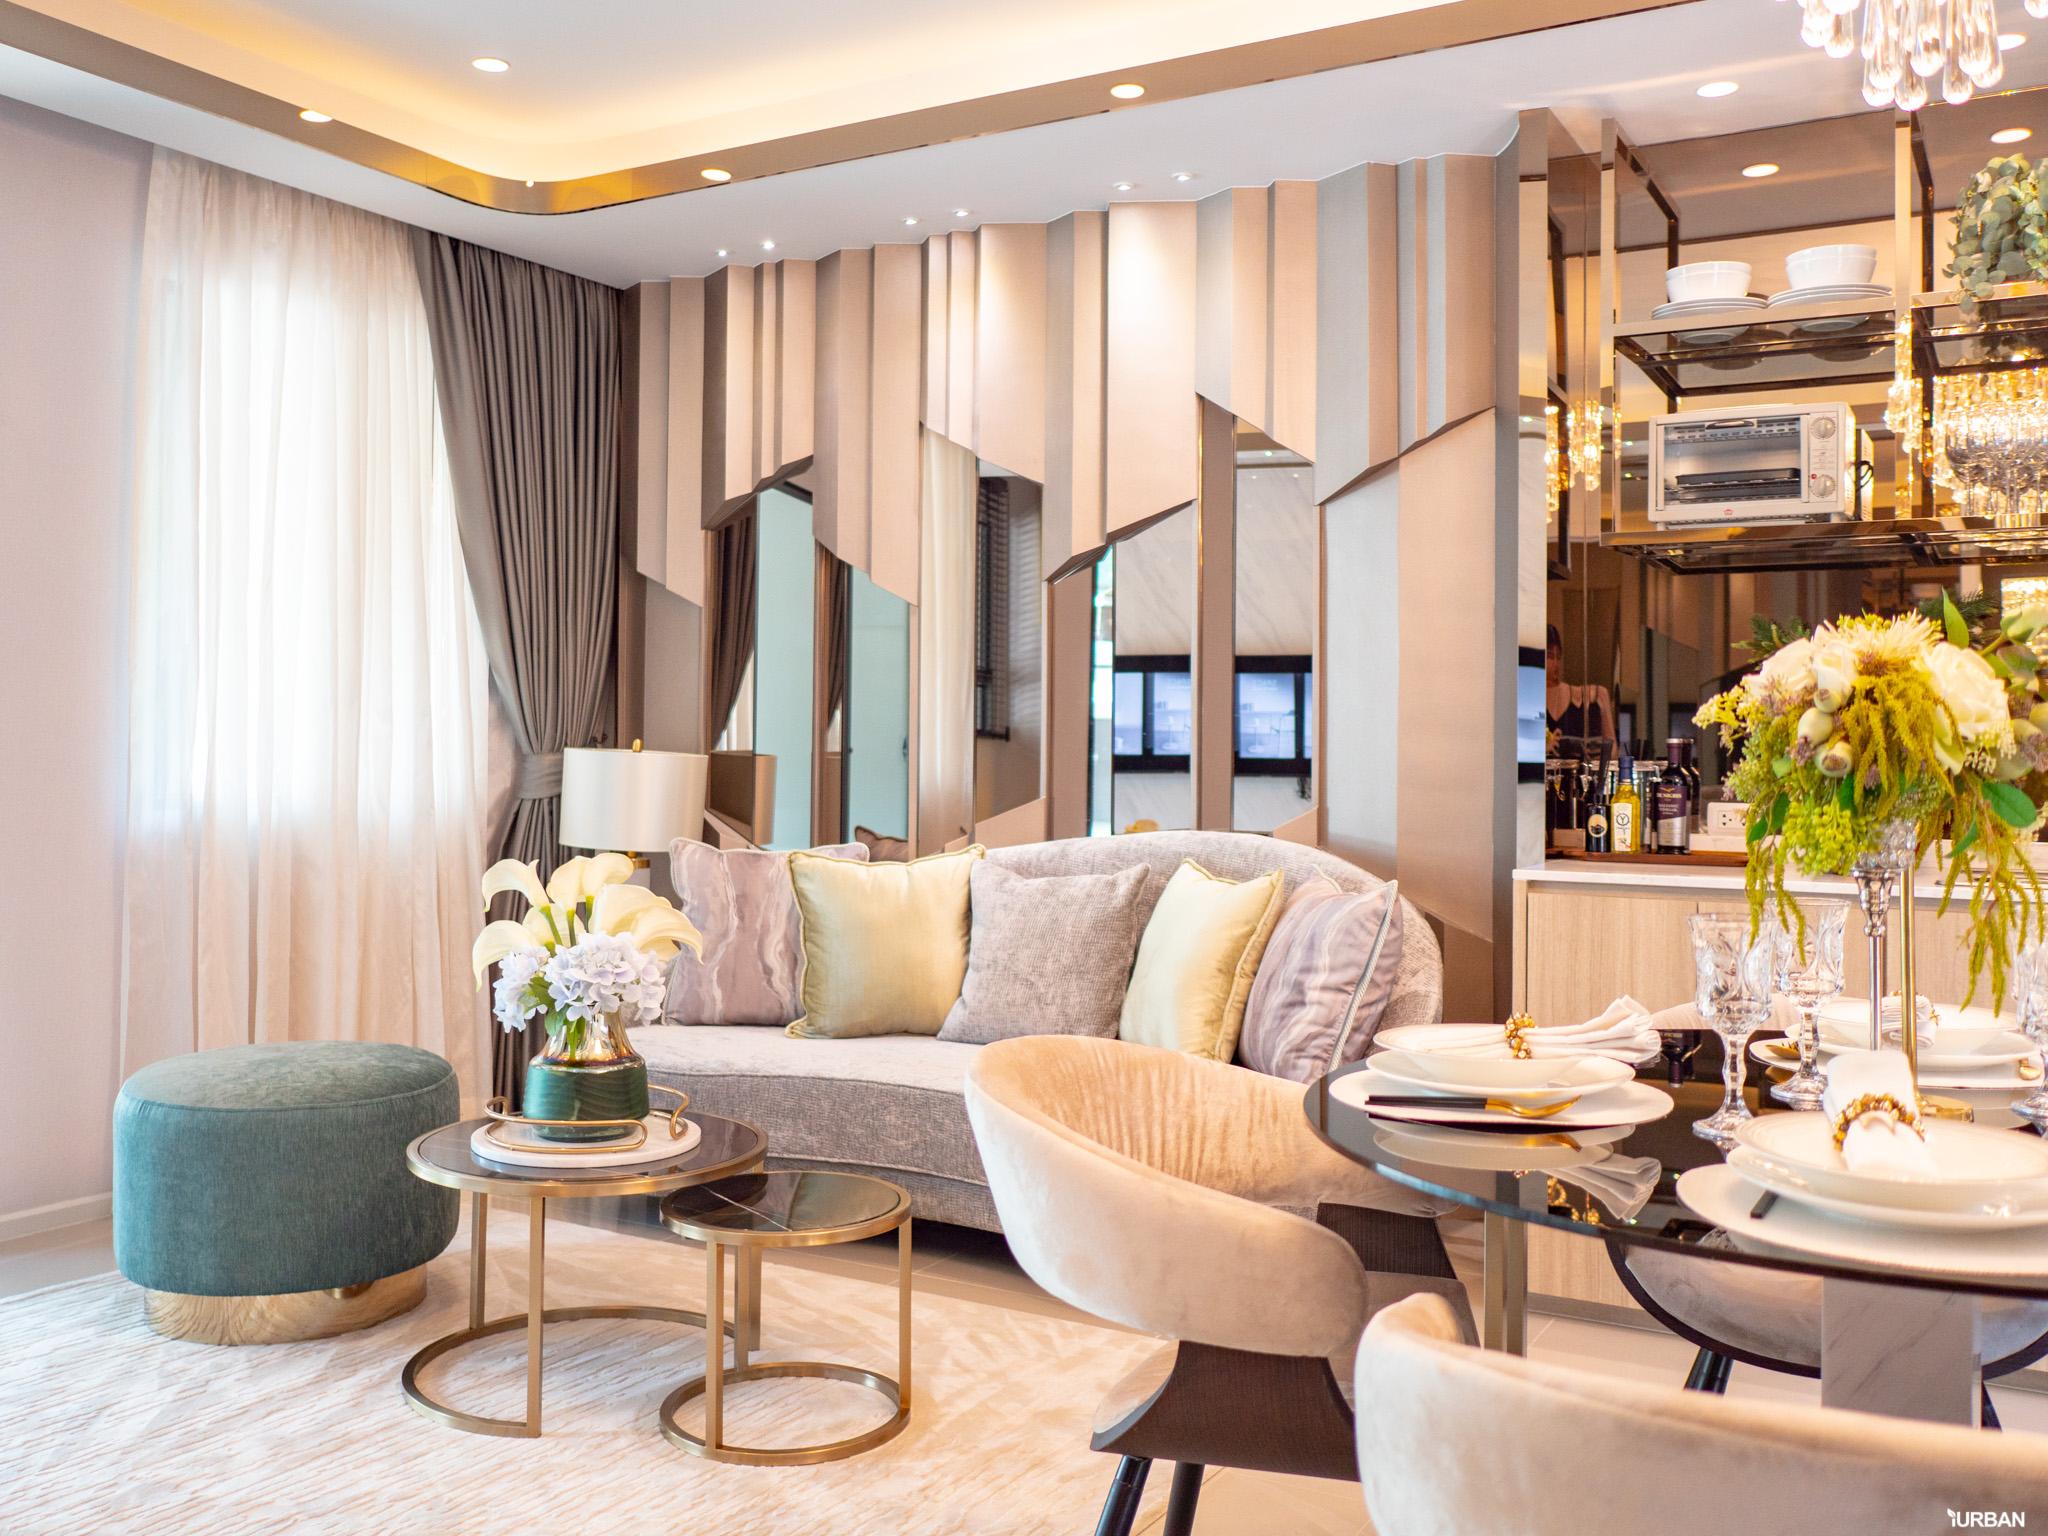 รีวิว Grande Pleno ราชพฤกษ์ บ้านที่พอดี ส่วนกลางพรีเมียม เริ่ม 2.39 ล้าน 19 - AP (Thailand) - เอพี (ไทยแลนด์)